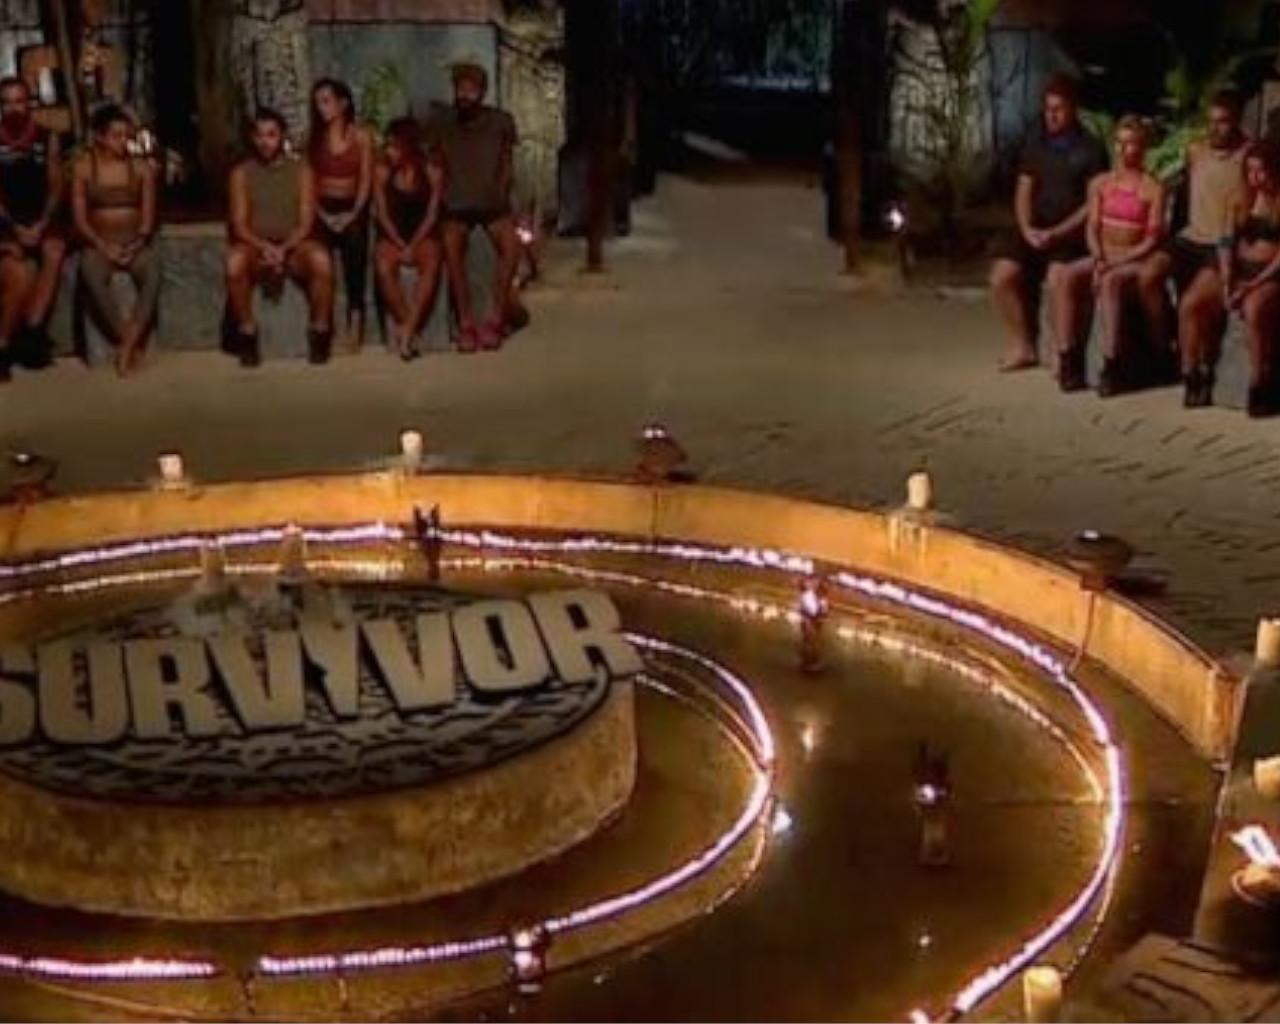 survivor 4, survivor 4 ασυλία,survivor 4 spoiler,survivor 4 skai,survivor 4 παίκτες,survivor 4 trailer,survivor 4 αποχωρηση,survivor 4 διασημοι,survivor 4 μαχητες,survivor 4 νέες προσθηκες,survivor 4 νεοι παικτες,survivor 4 κοκκινοι,survivor 4 μπλε,survivor spoiler,survivor trailer,survivor 2021,survivor greece,survivor νεες ομαδες